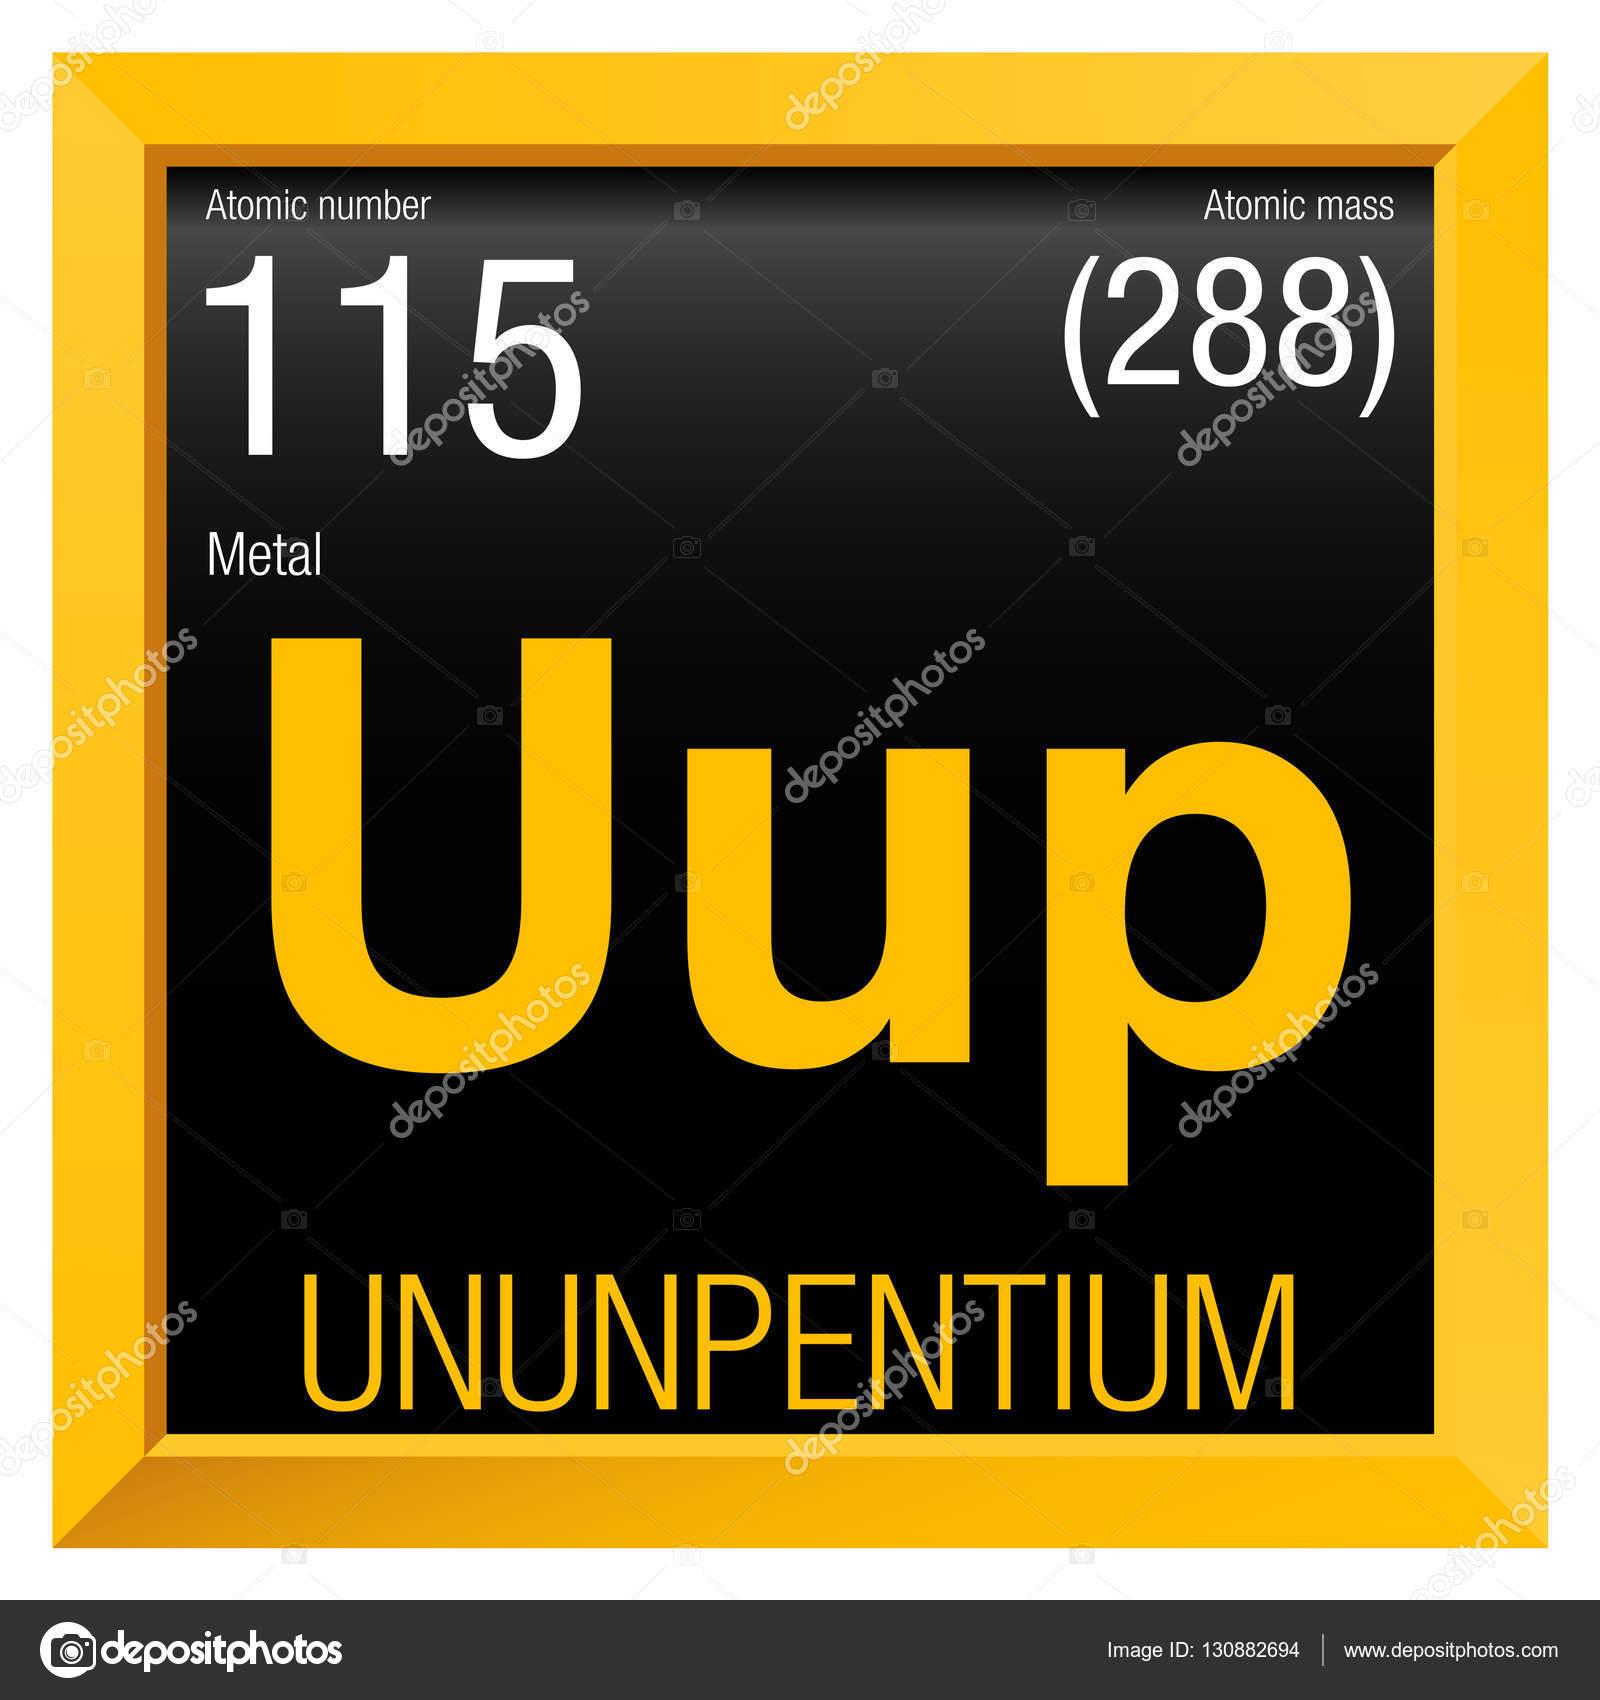 ununpentium symbol element number 115 of the periodic table of the elements chemistry - Periodic Table Symbol Ununquadium